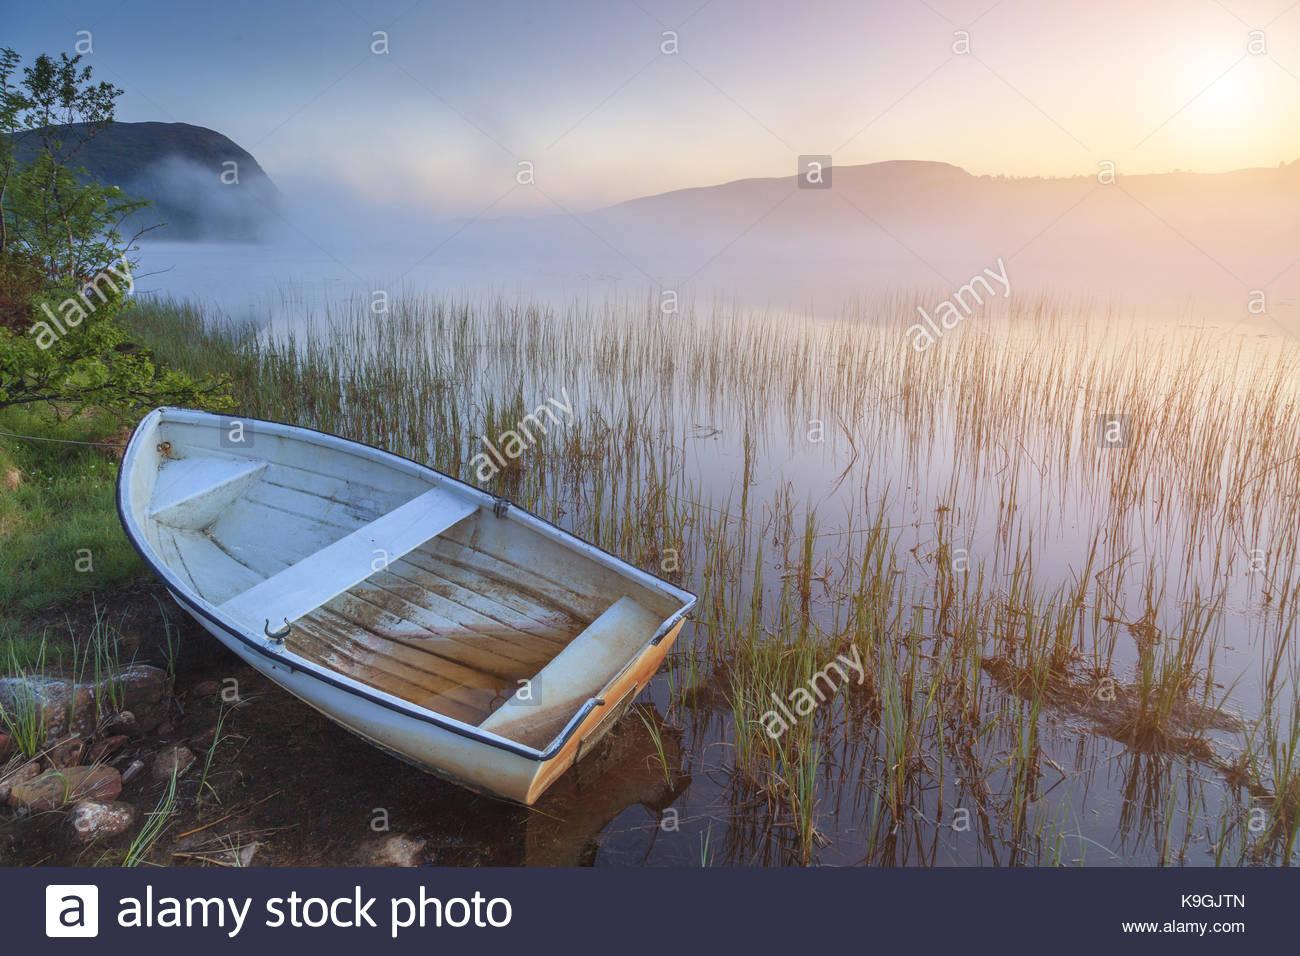 Barca sulla riva di un lago misty su una mattina d'estate Immagini Stock